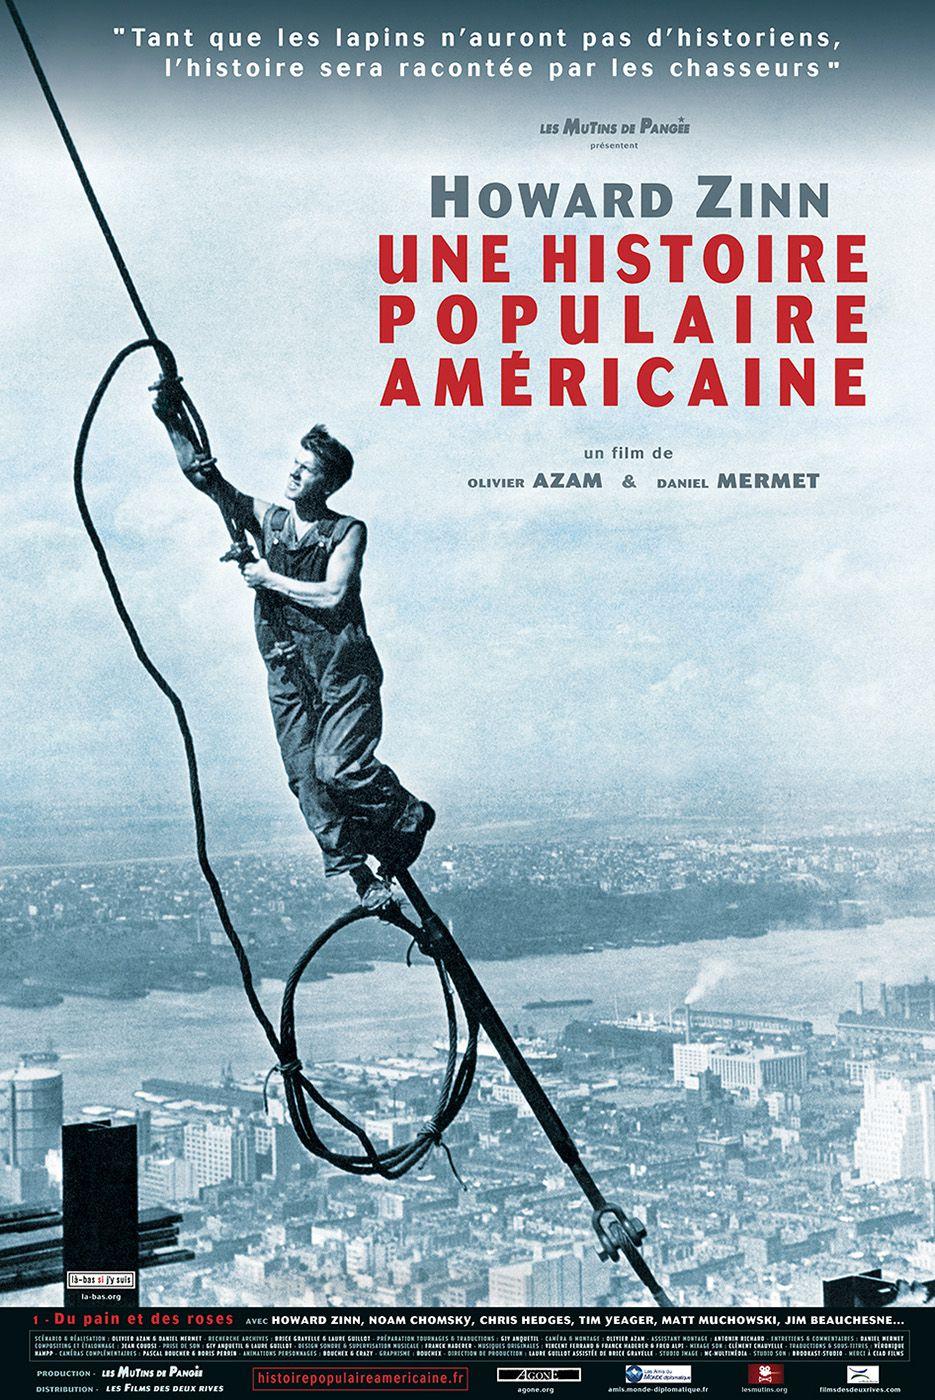 Howard Zinn, une histoire populaire américaine - Documentaire (2015)